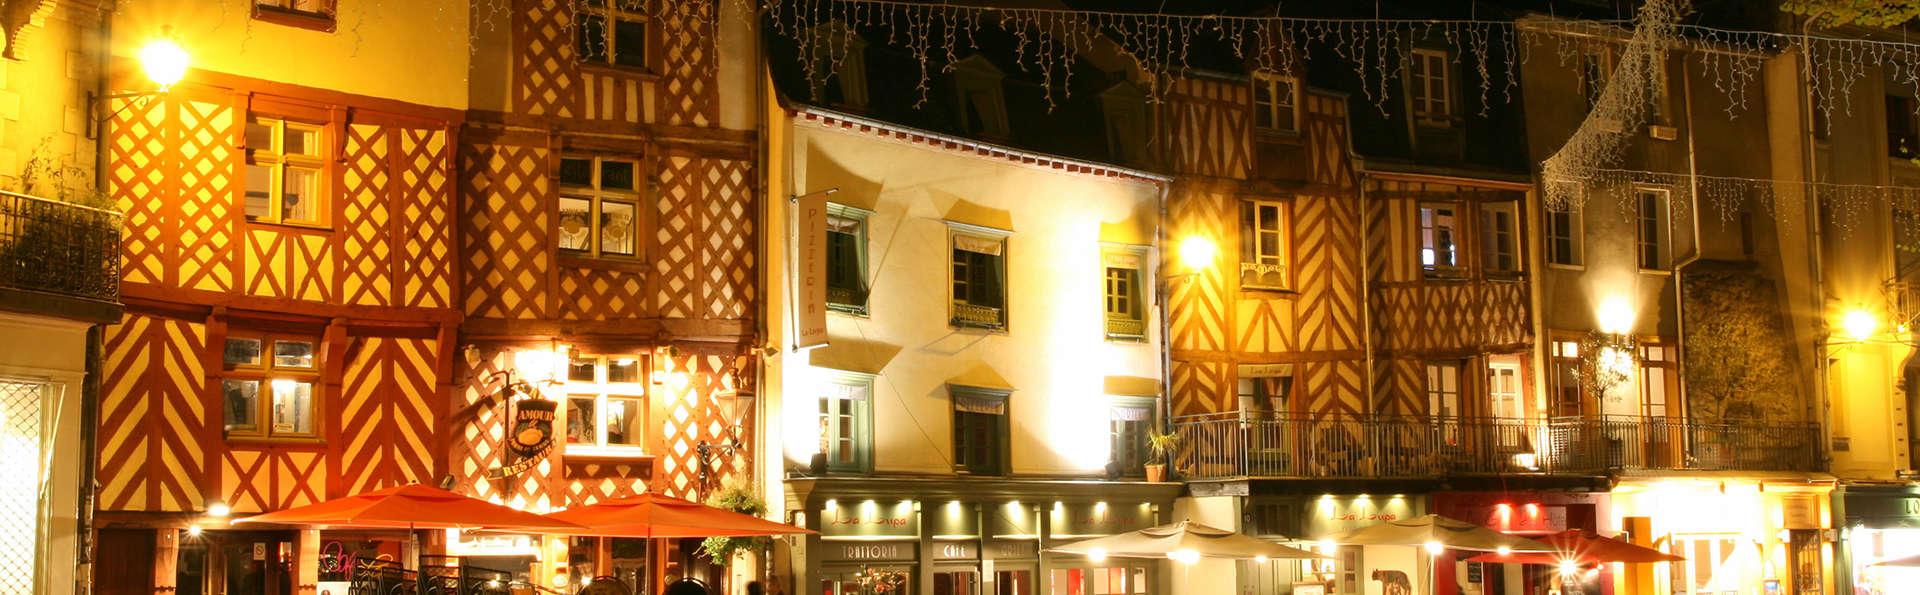 Le Saint Antoine Hotel & Spa - Edit_rennes.jpg